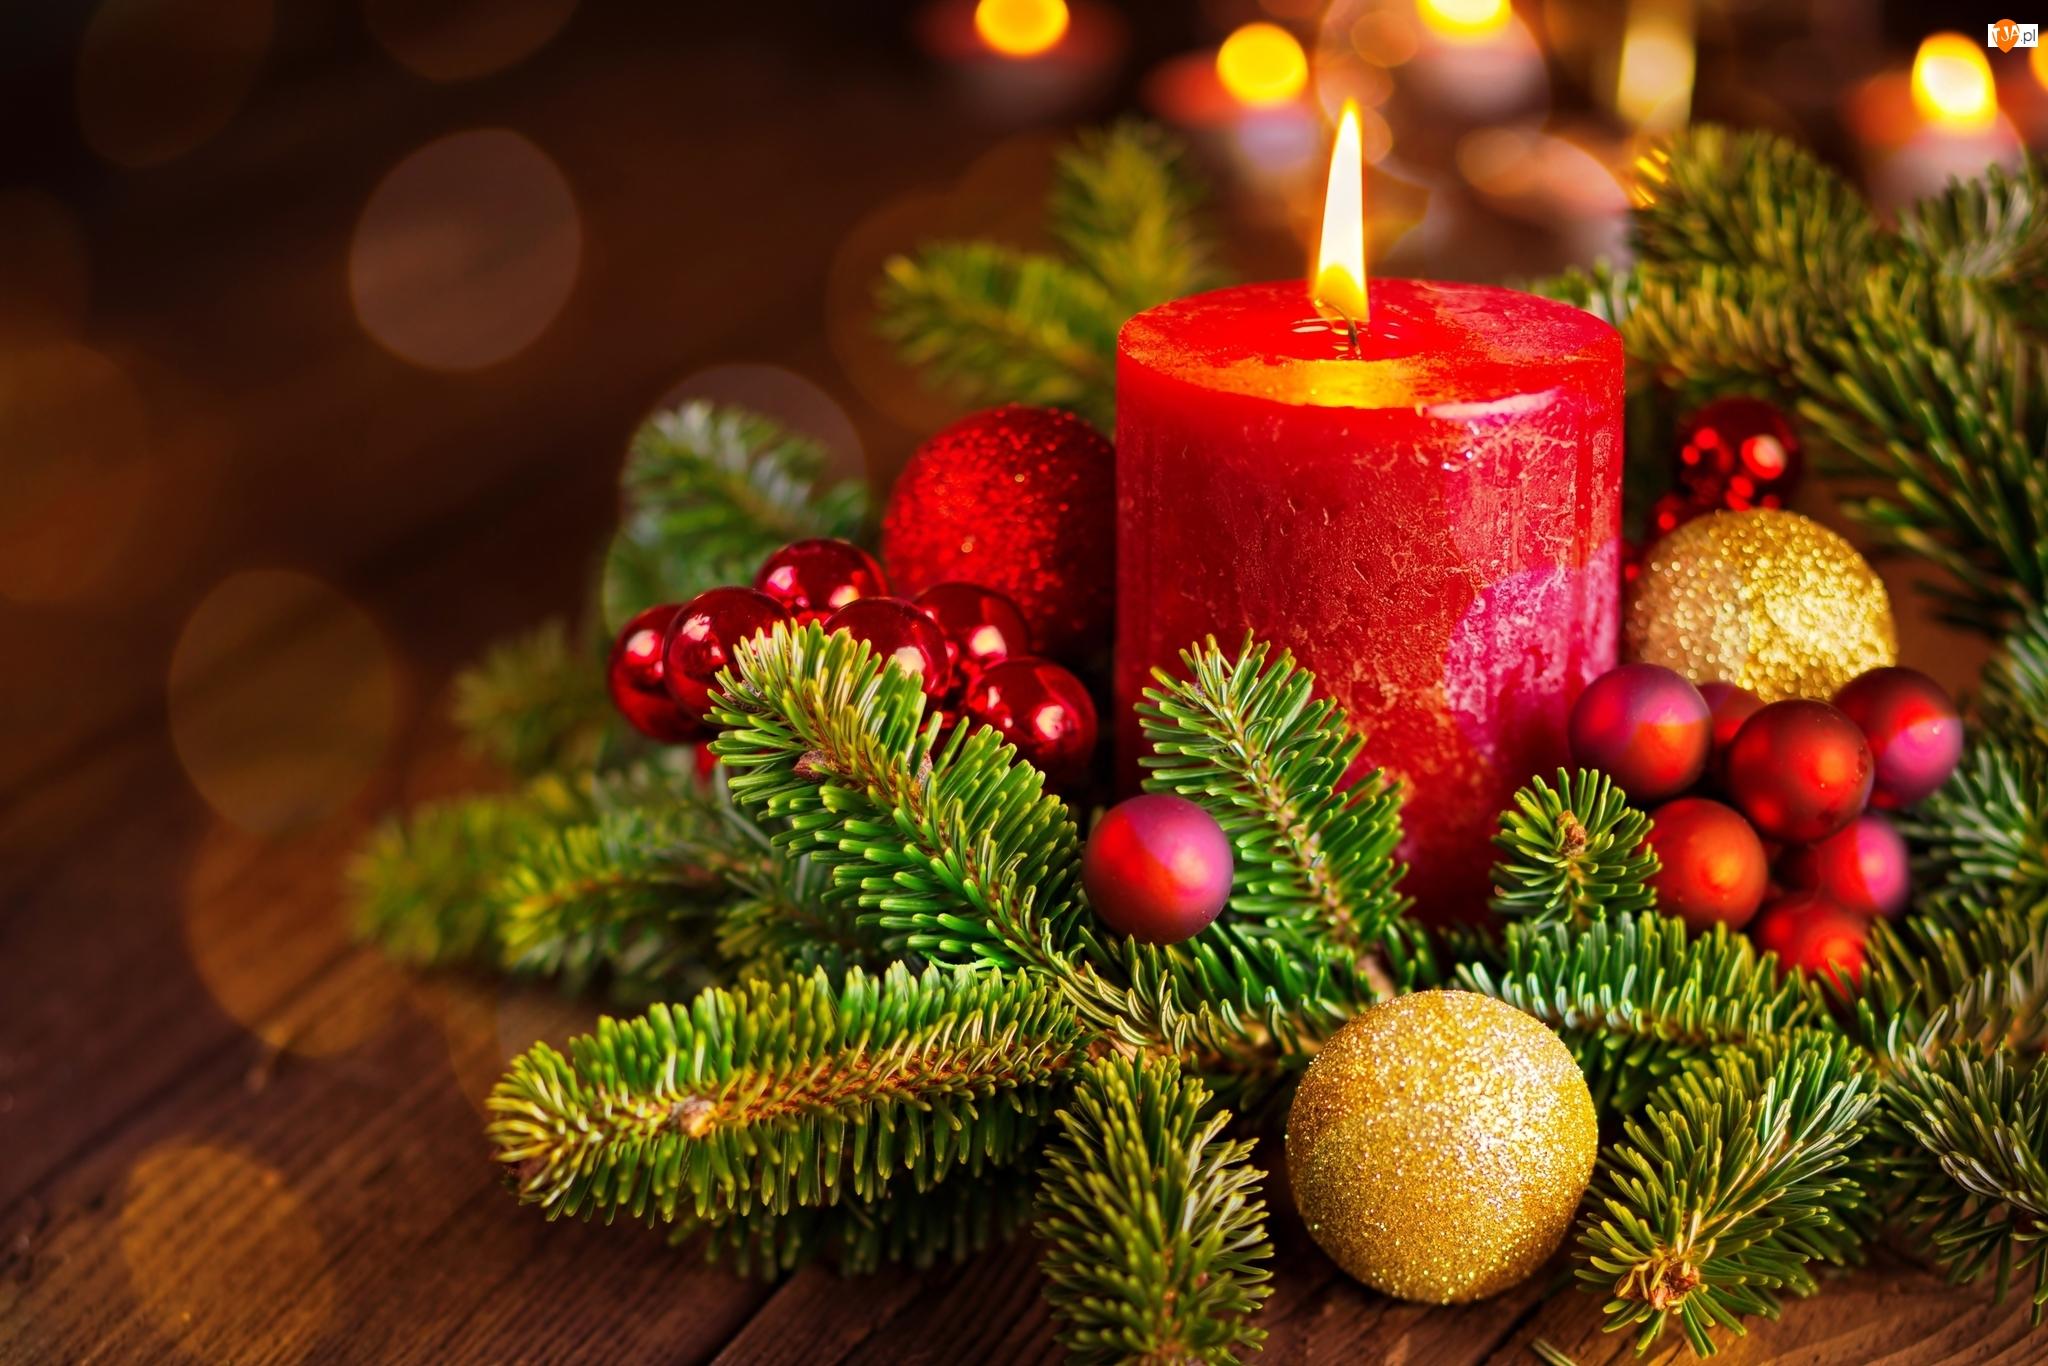 Dekoracja, Gałązki, Świeca, Boże Narodzenie, Stroik, Bombki, Świerku